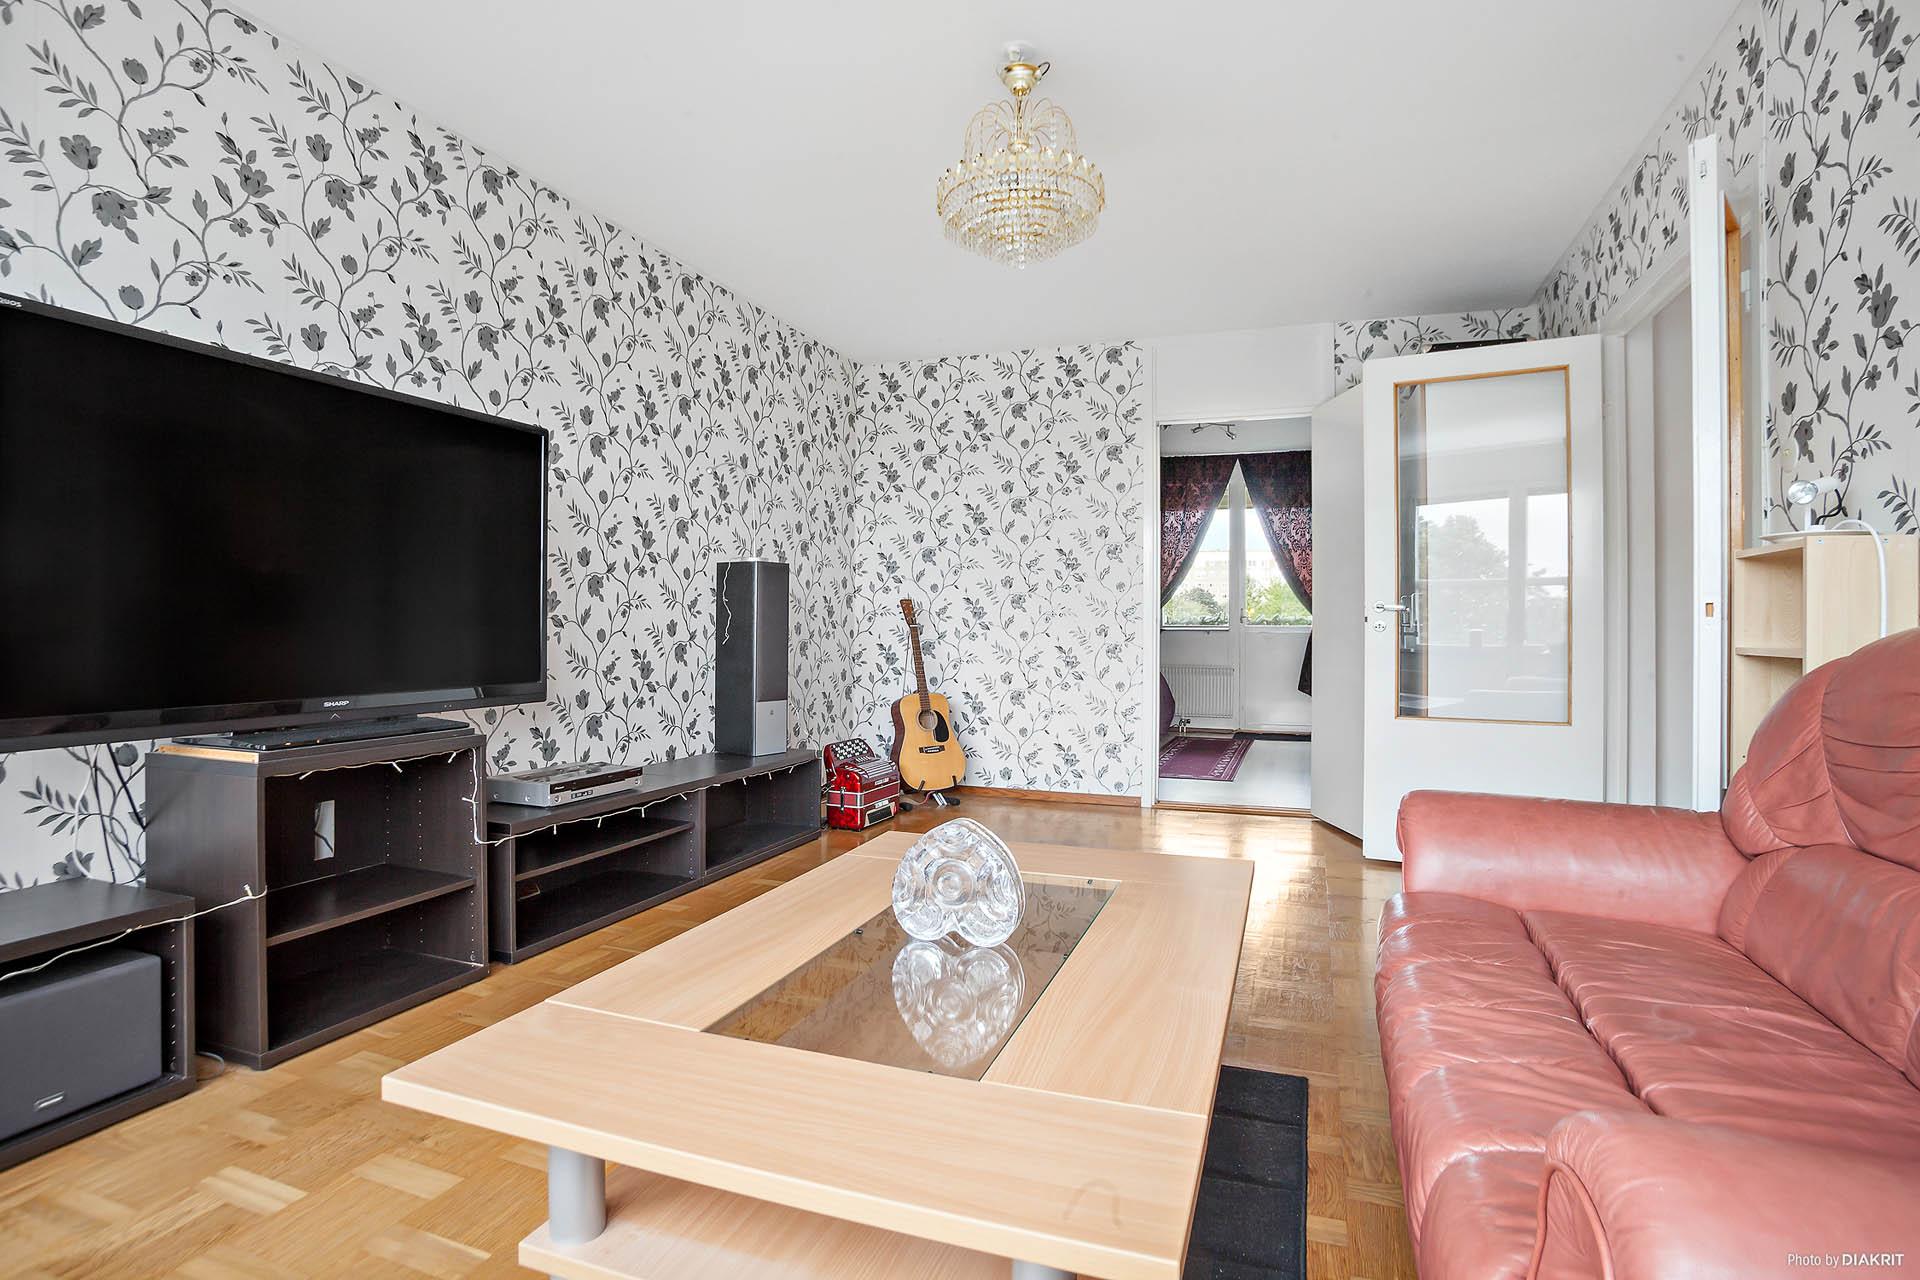 Väl tilltaget vardagsrum med plats för stor soffa, TV-möbel och eventuell övrig möblering.